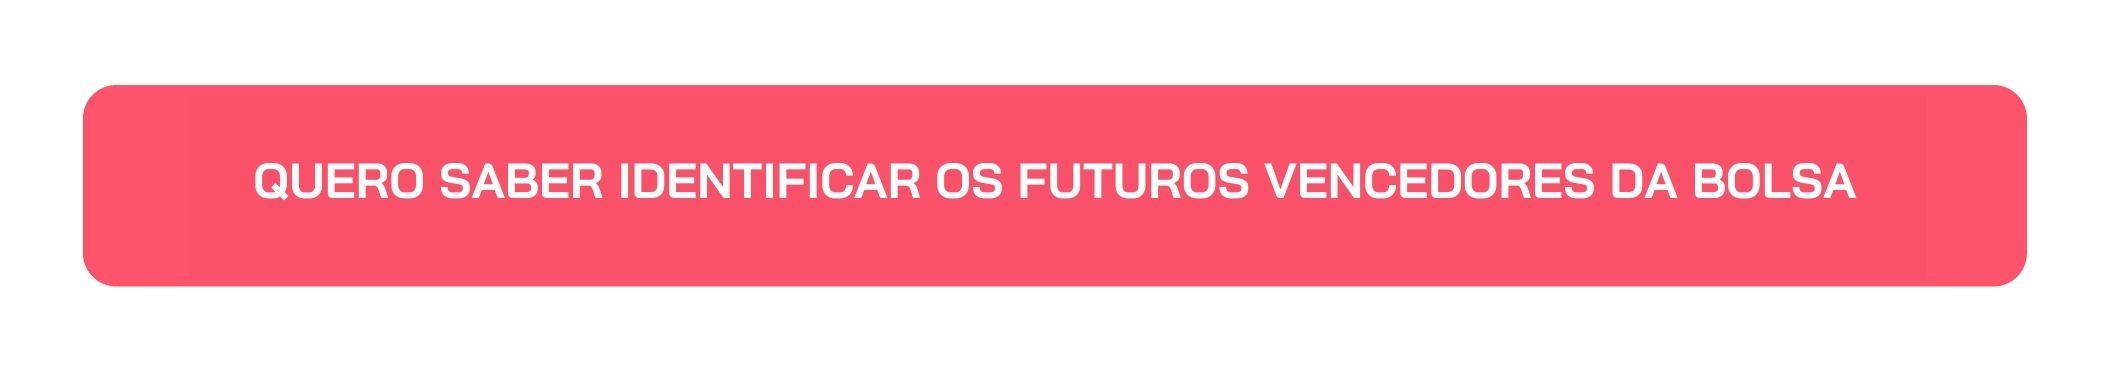 Botão Quero Saber Identificar os Futuros Vencedores da Bolsa